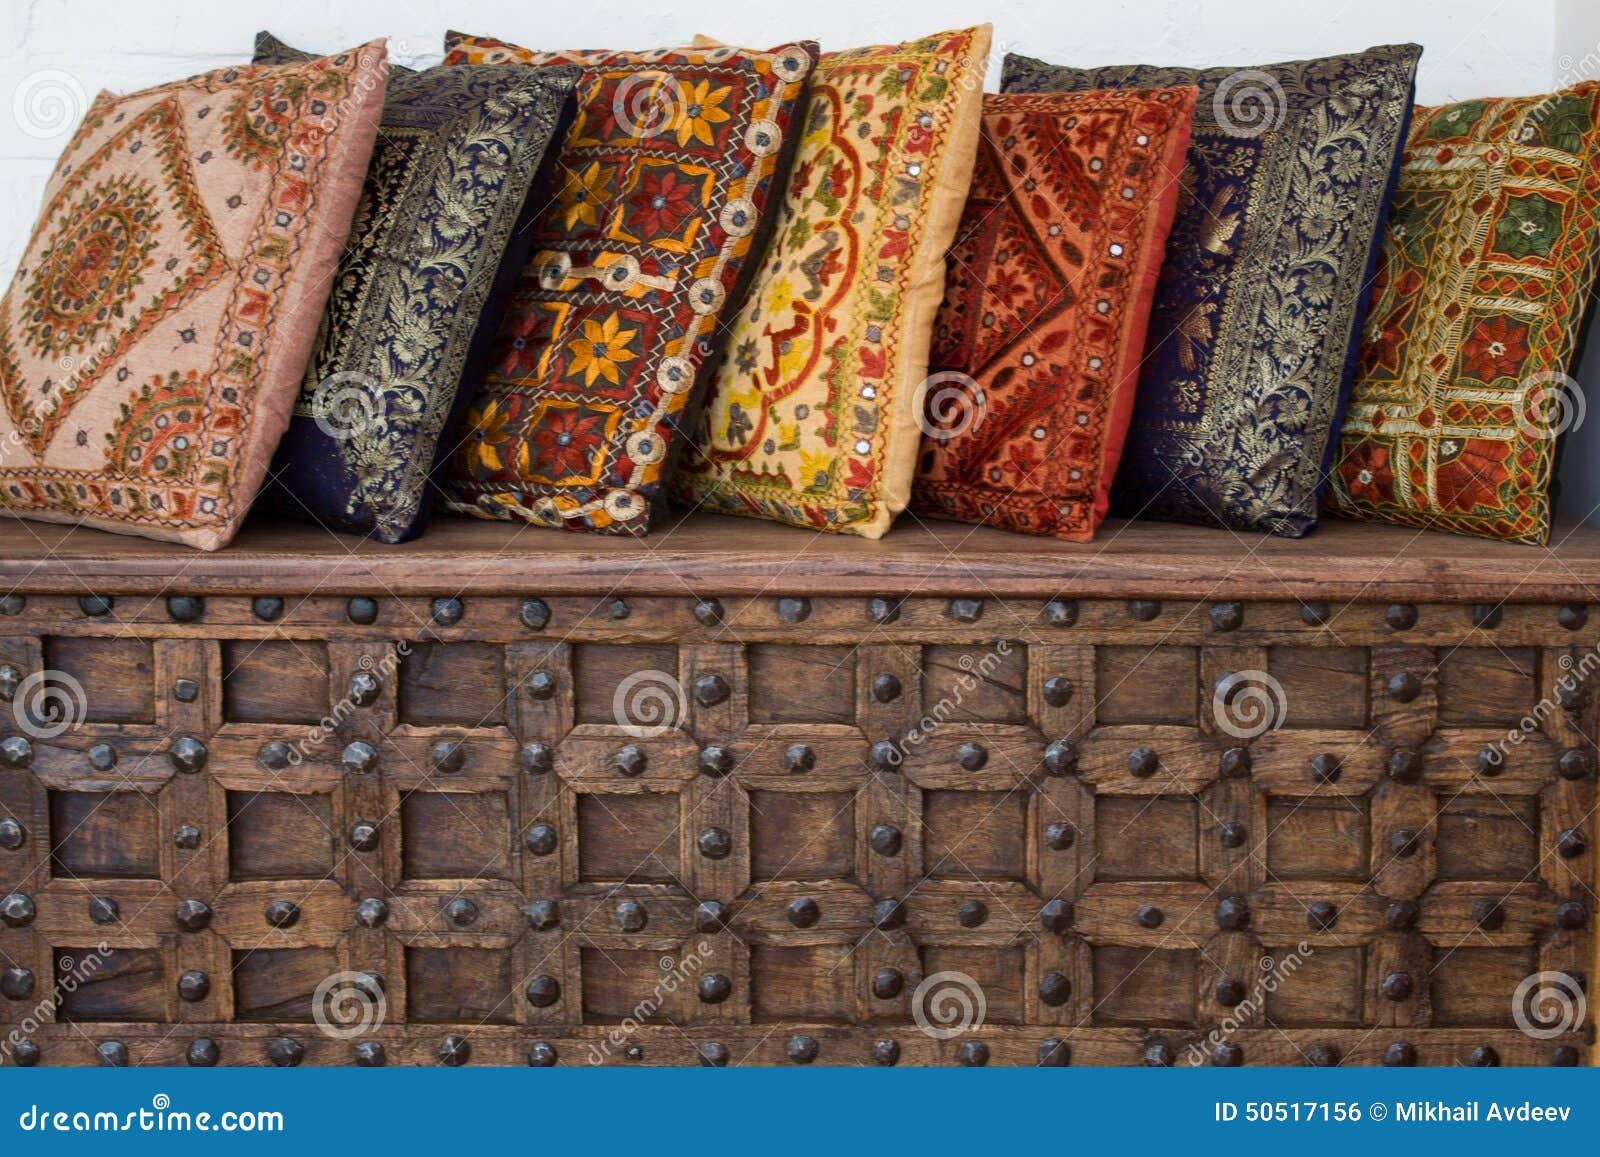 Cuscini Indiani Vendita On Line.Cuscini Indiani Fotografia Stock Immagine Di Modello 50517156